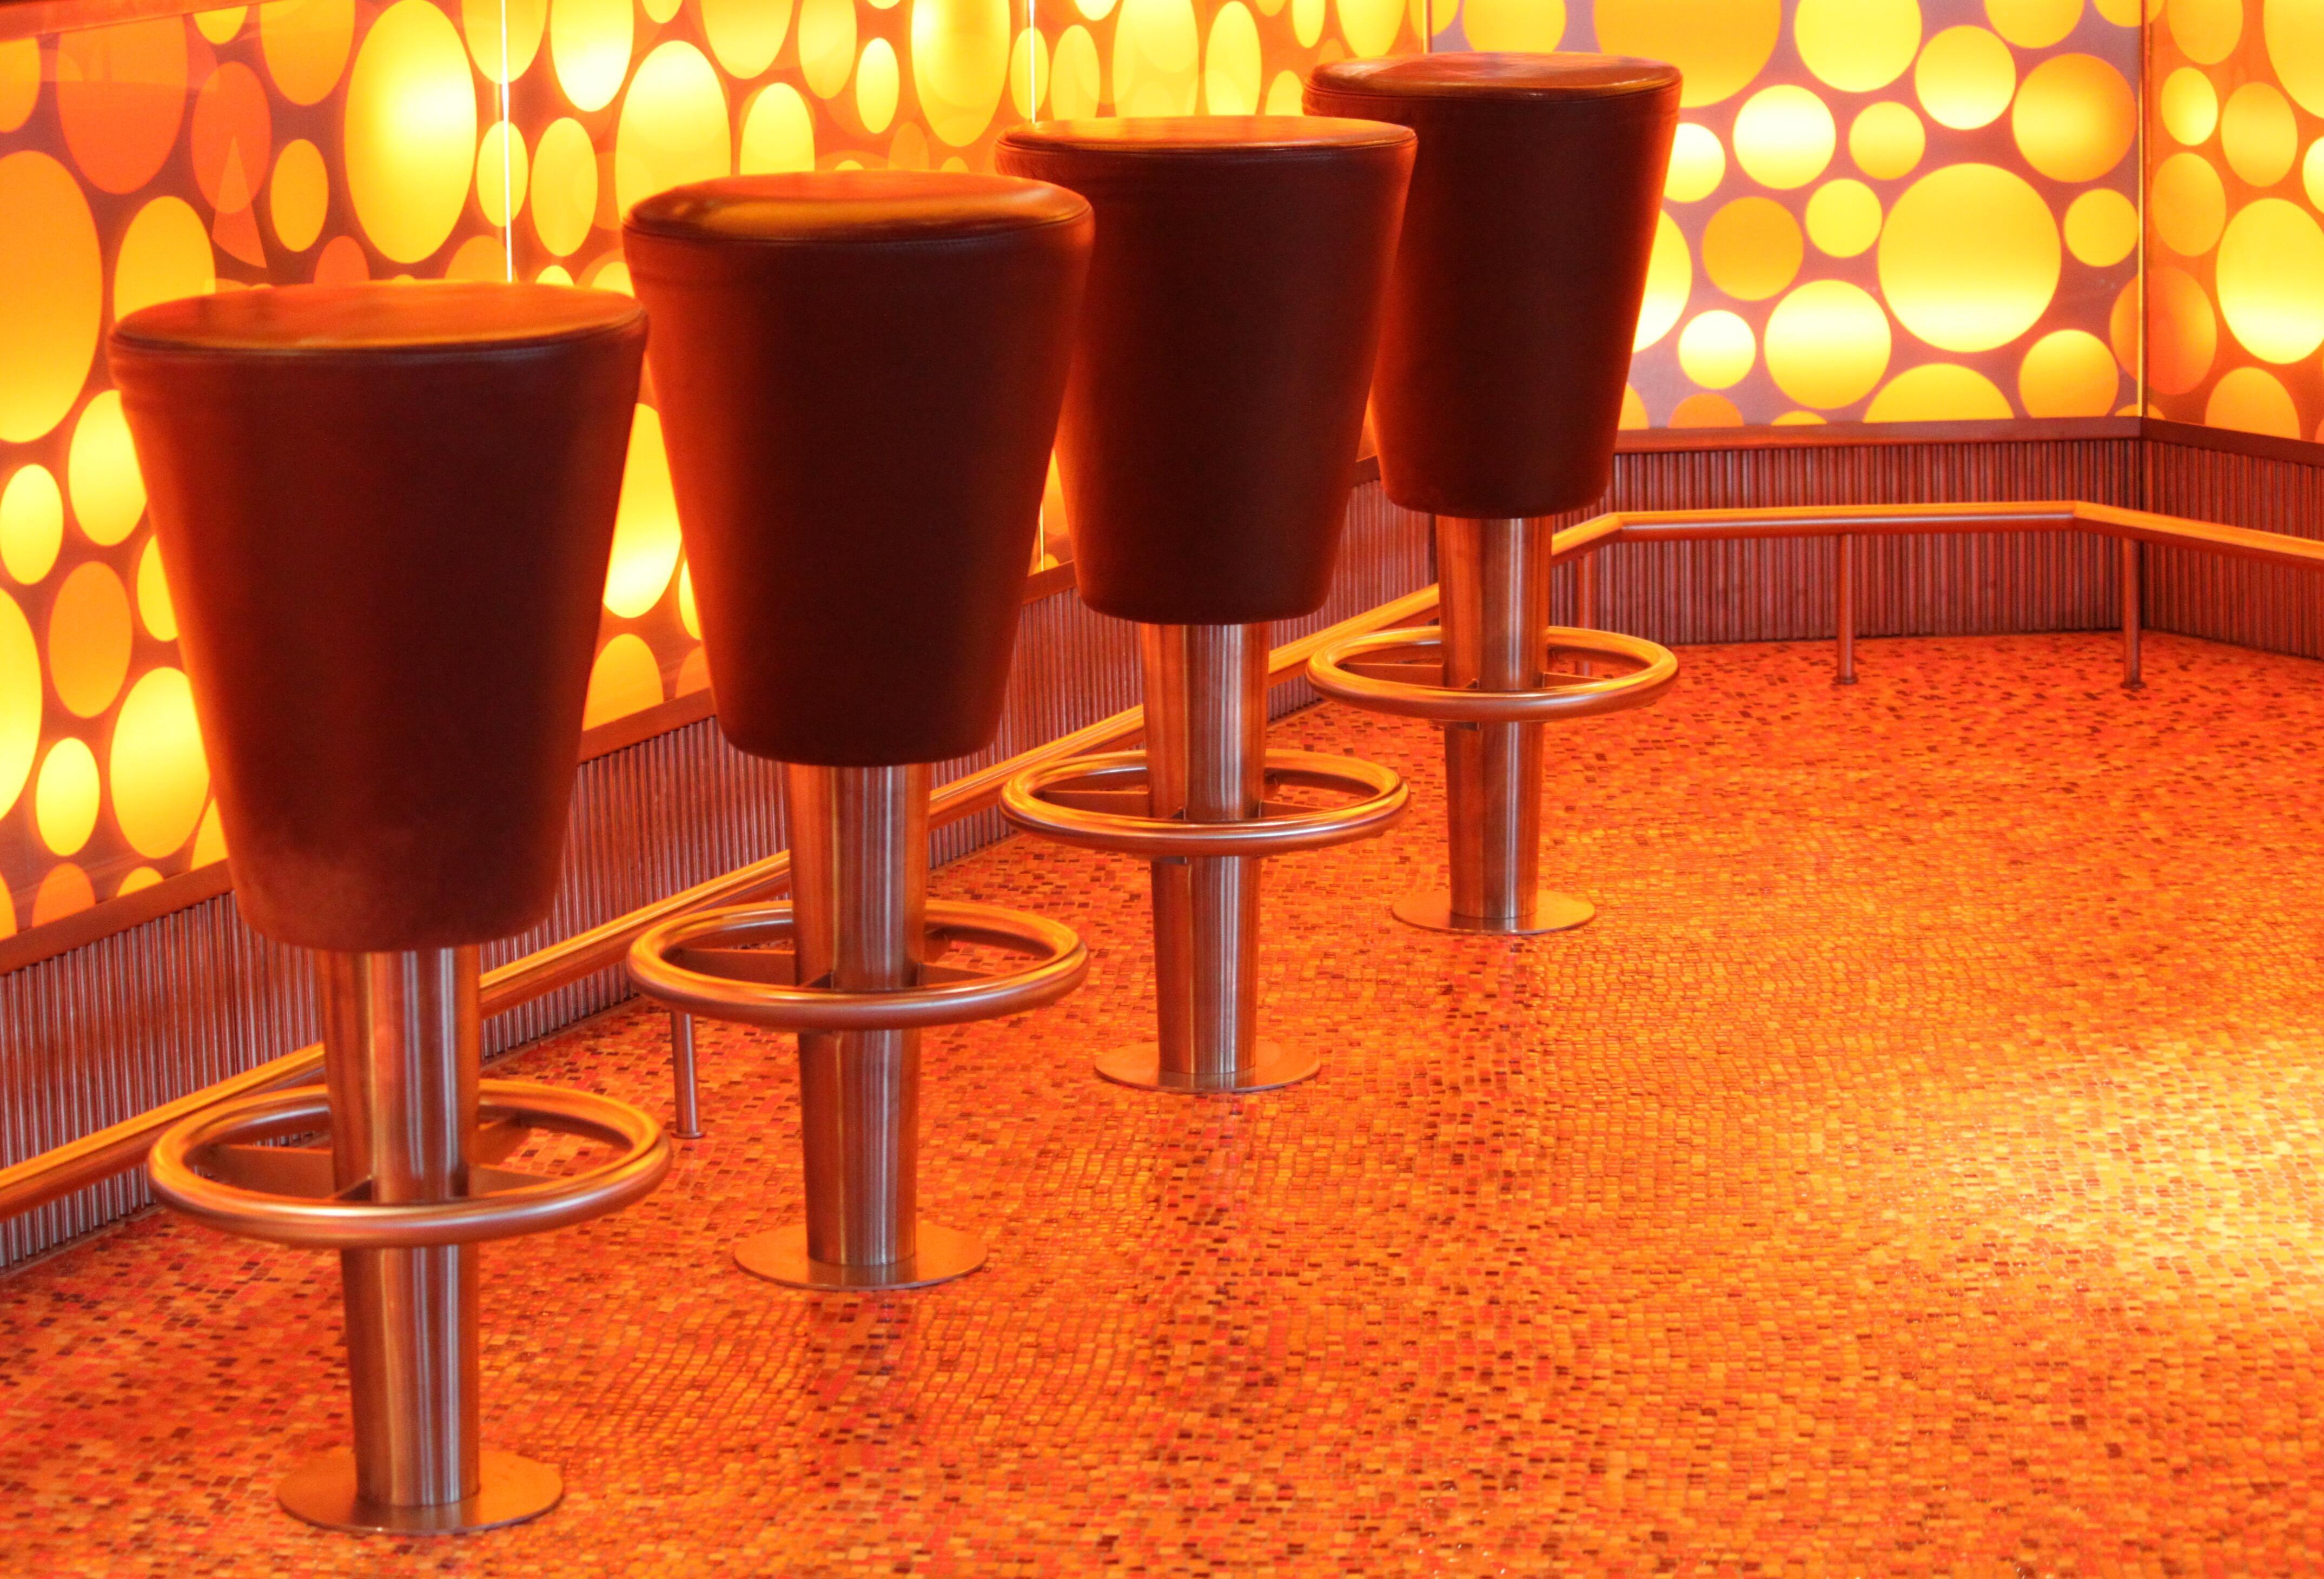 Fotos gratis : mesa, ligero, cuero, suelo, silla, piso, asiento ...